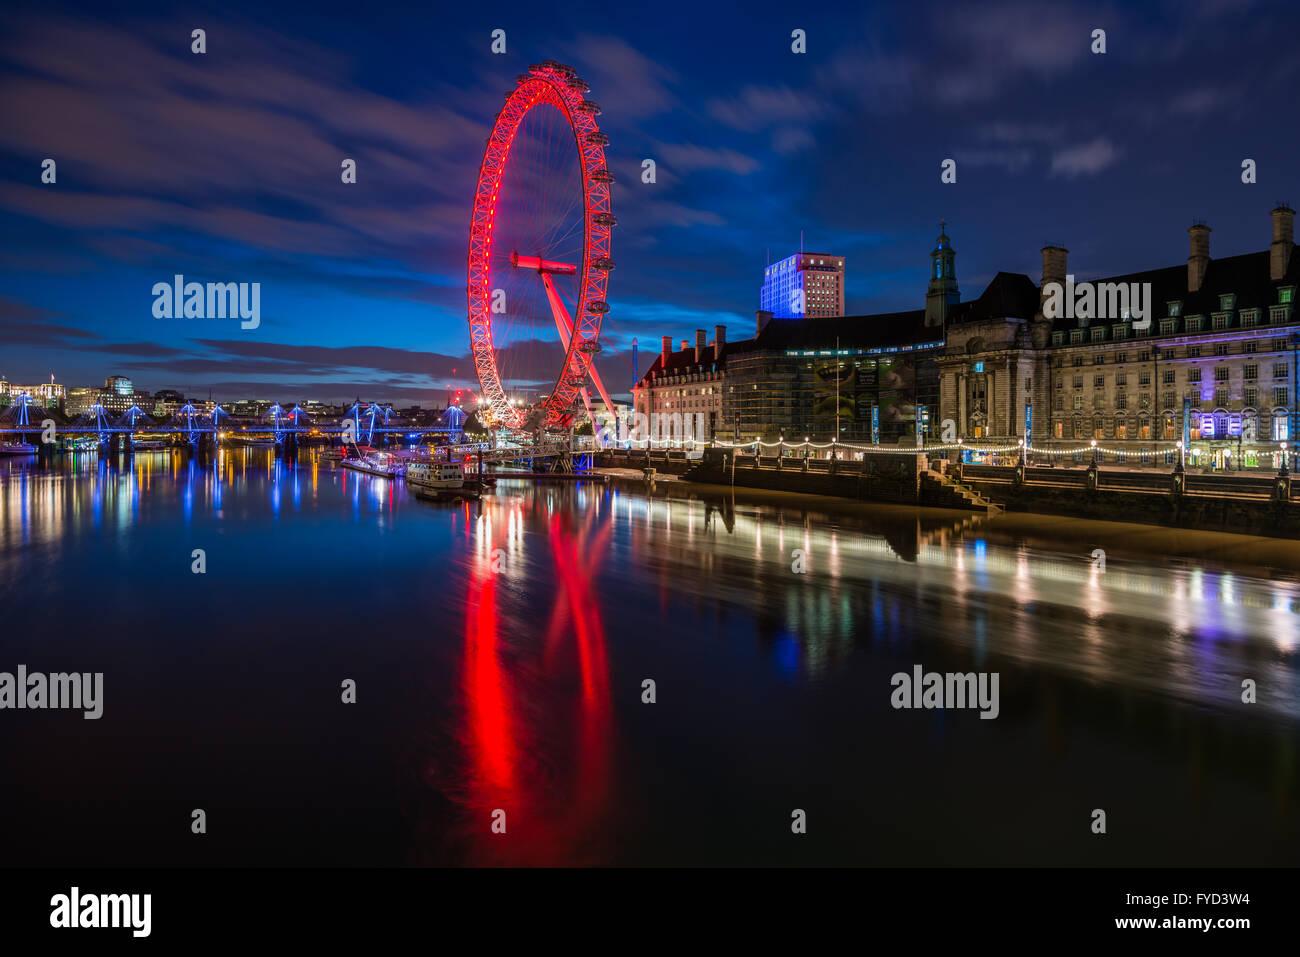 Das London Eye, Southbank, gesehen von der Westminster Bridge, London, Vereinigtes Königreich Stockbild